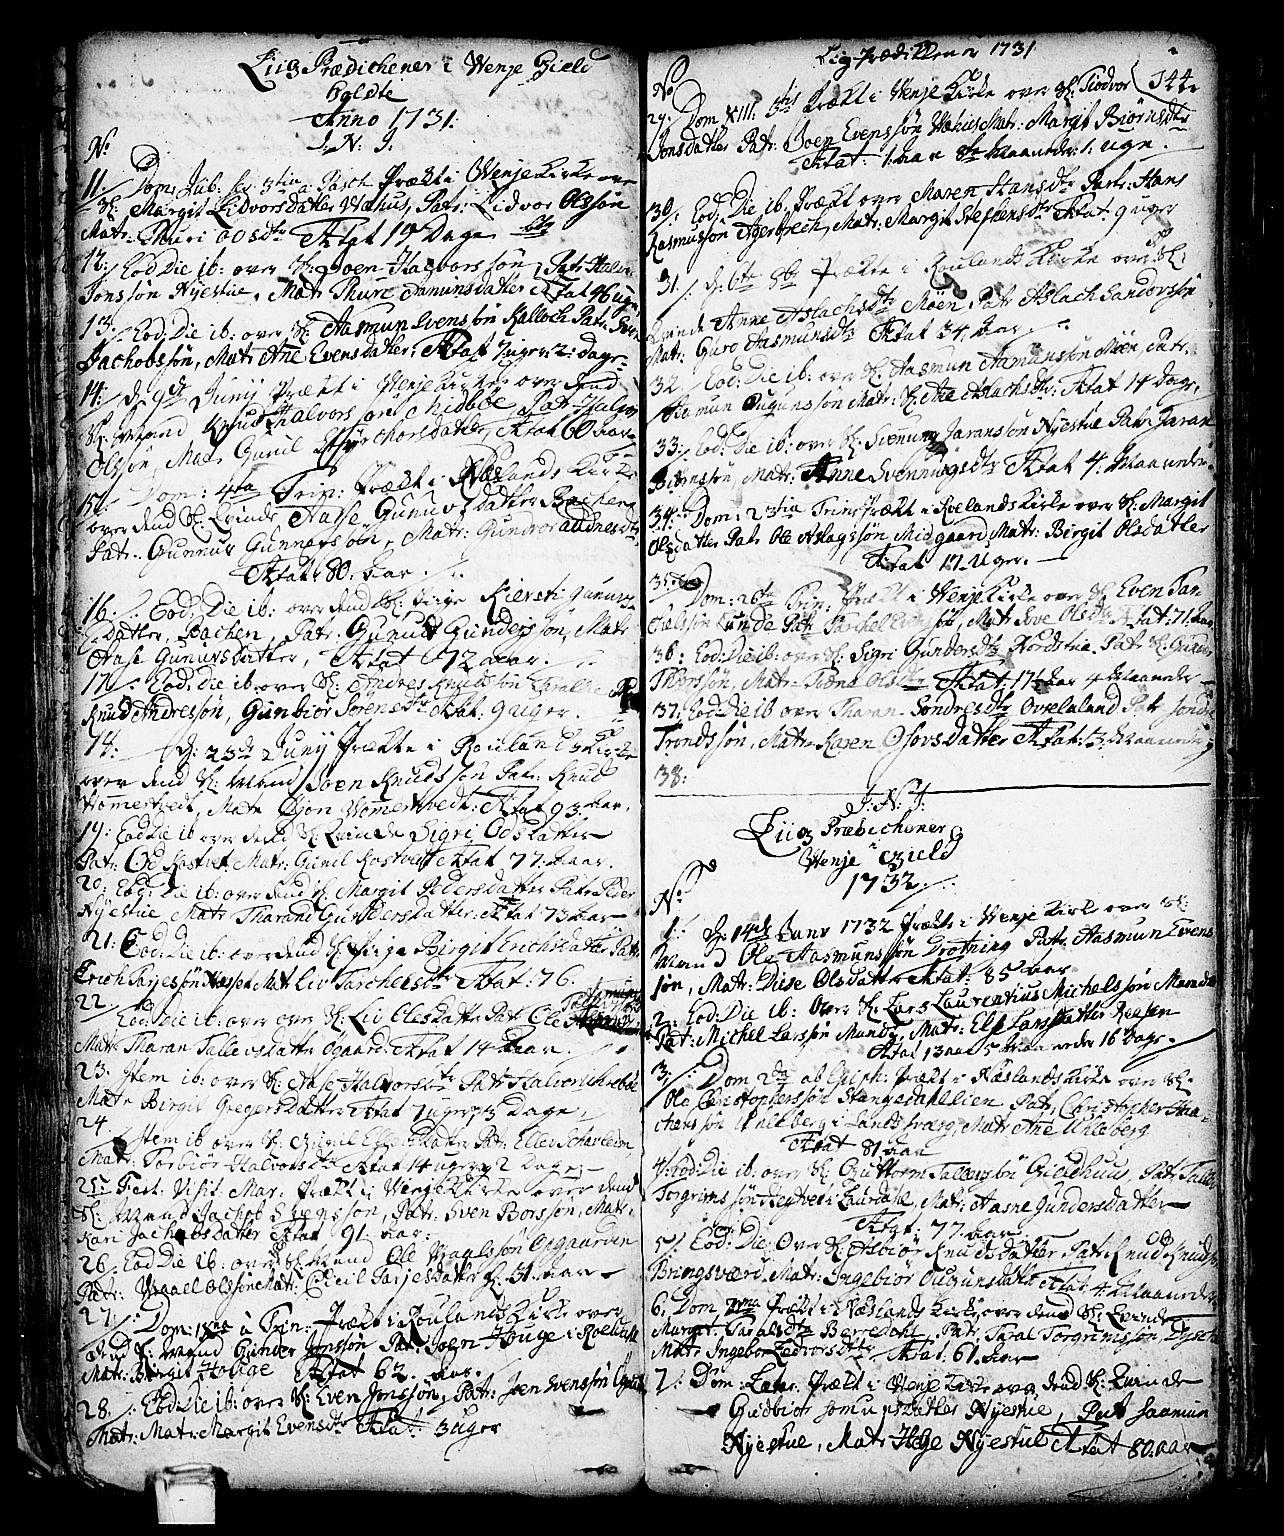 SAKO, Vinje kirkebøker, F/Fa/L0001: Ministerialbok nr. I 1, 1717-1766, s. 144